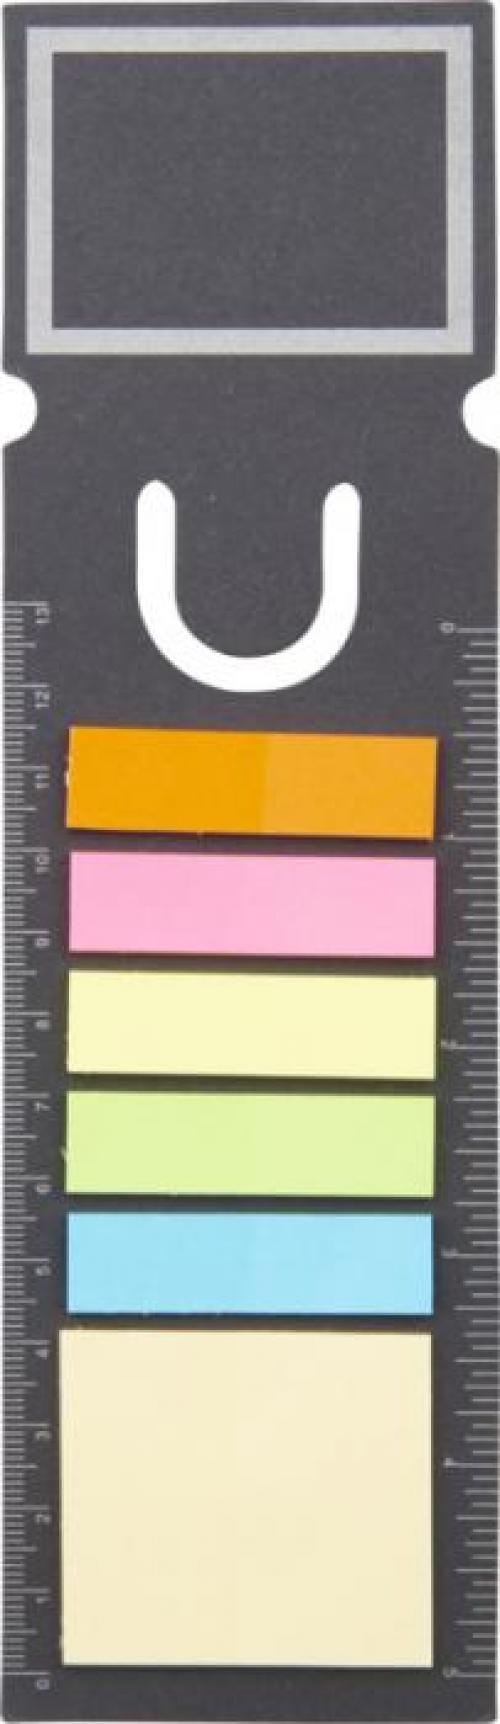 Marcador de libro con notas adhesivas Sticky